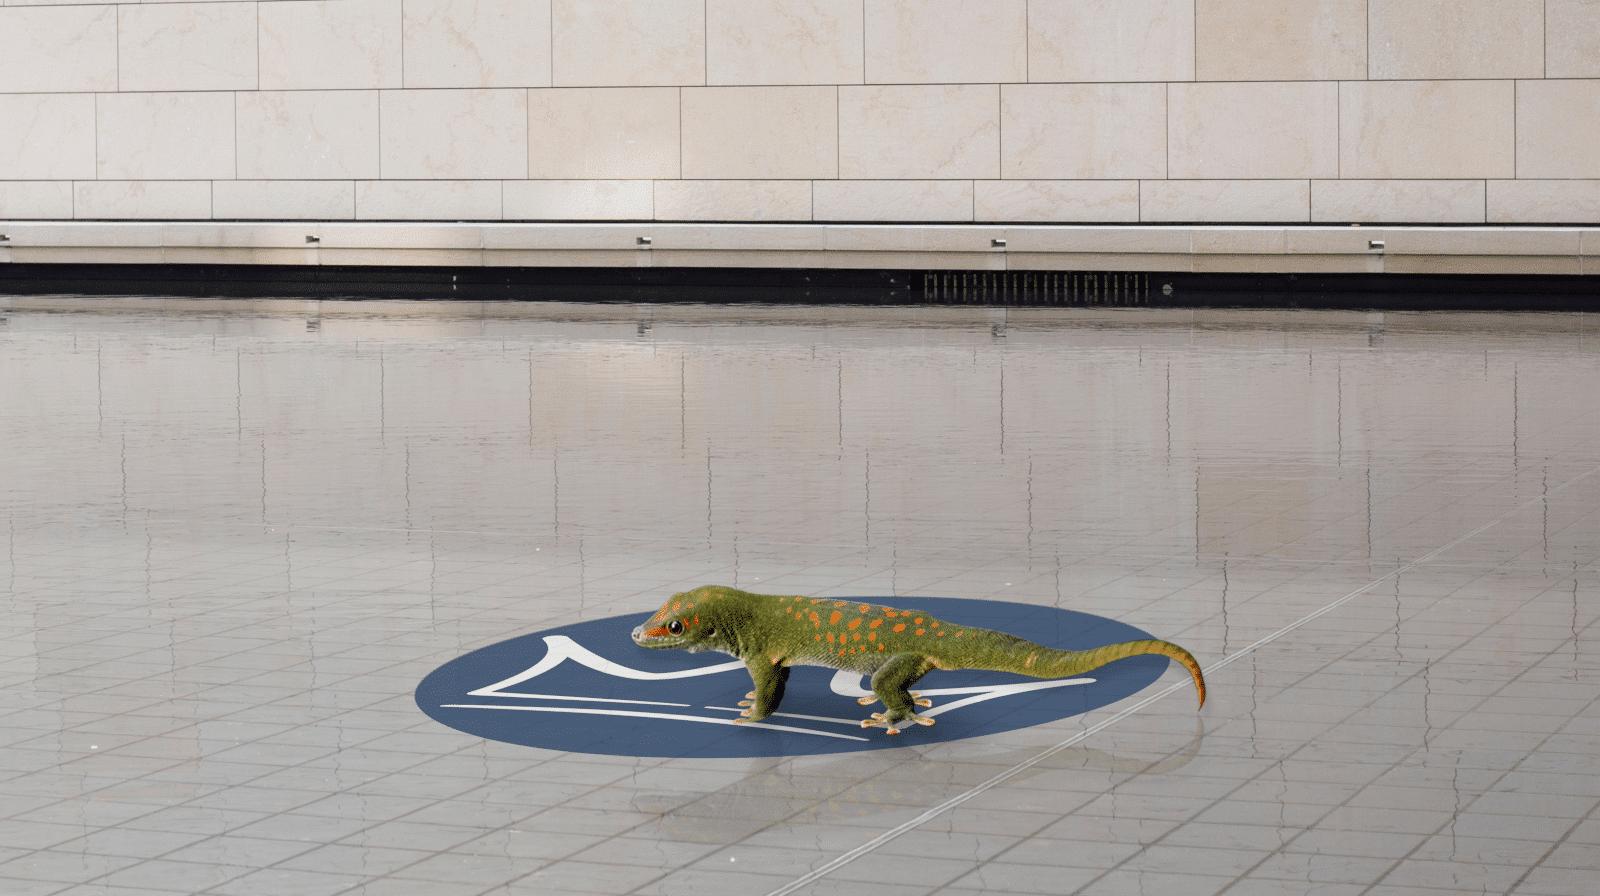 Adhäsions- und Fußbodenfolie | BANNERKÖNIG